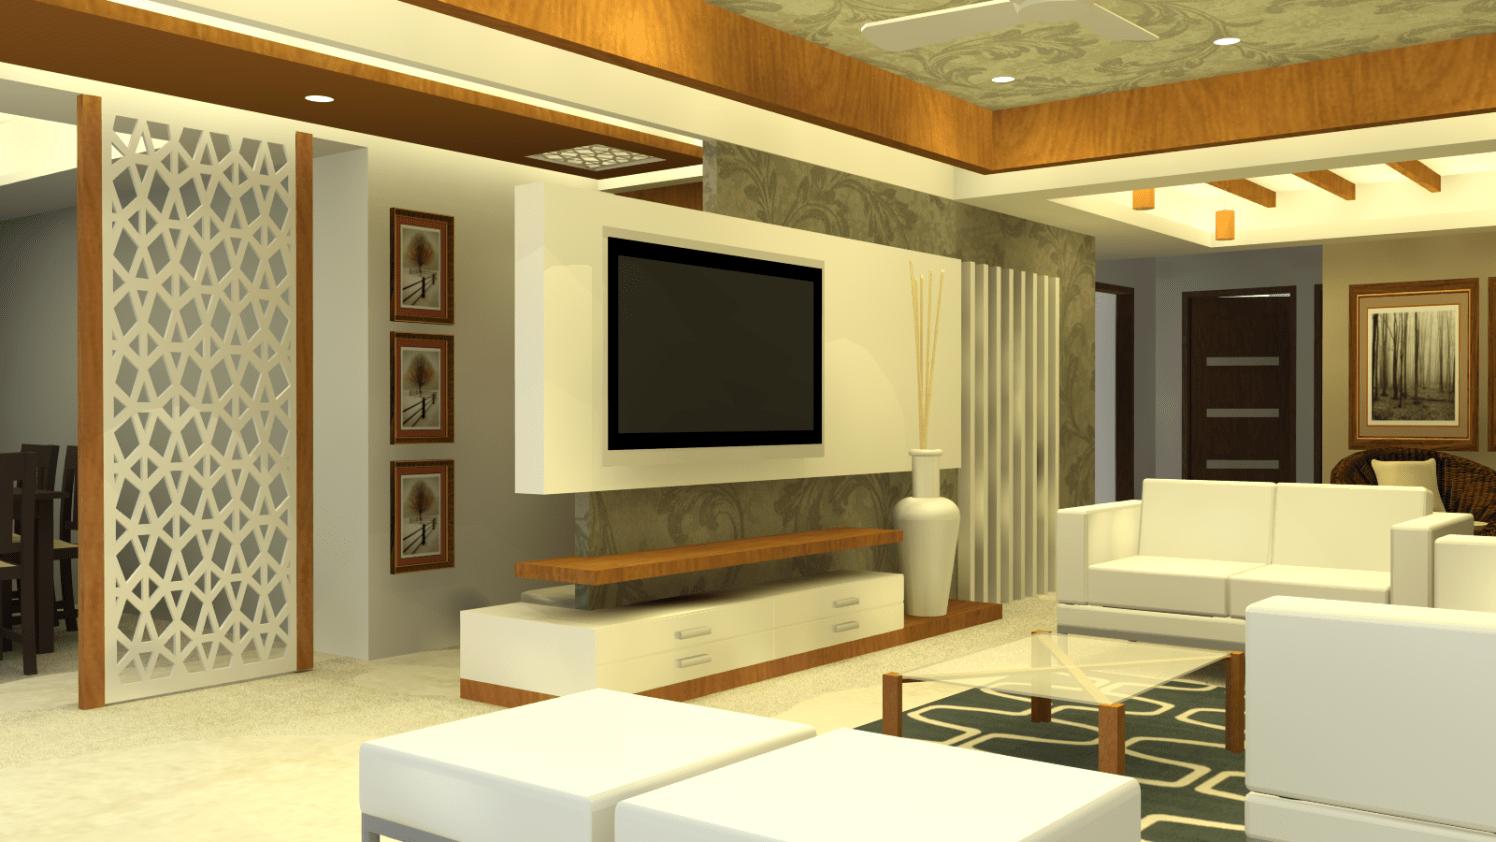 Contemporary living room by Sunil Sathe Contemporary | Interior Design Photos & Ideas